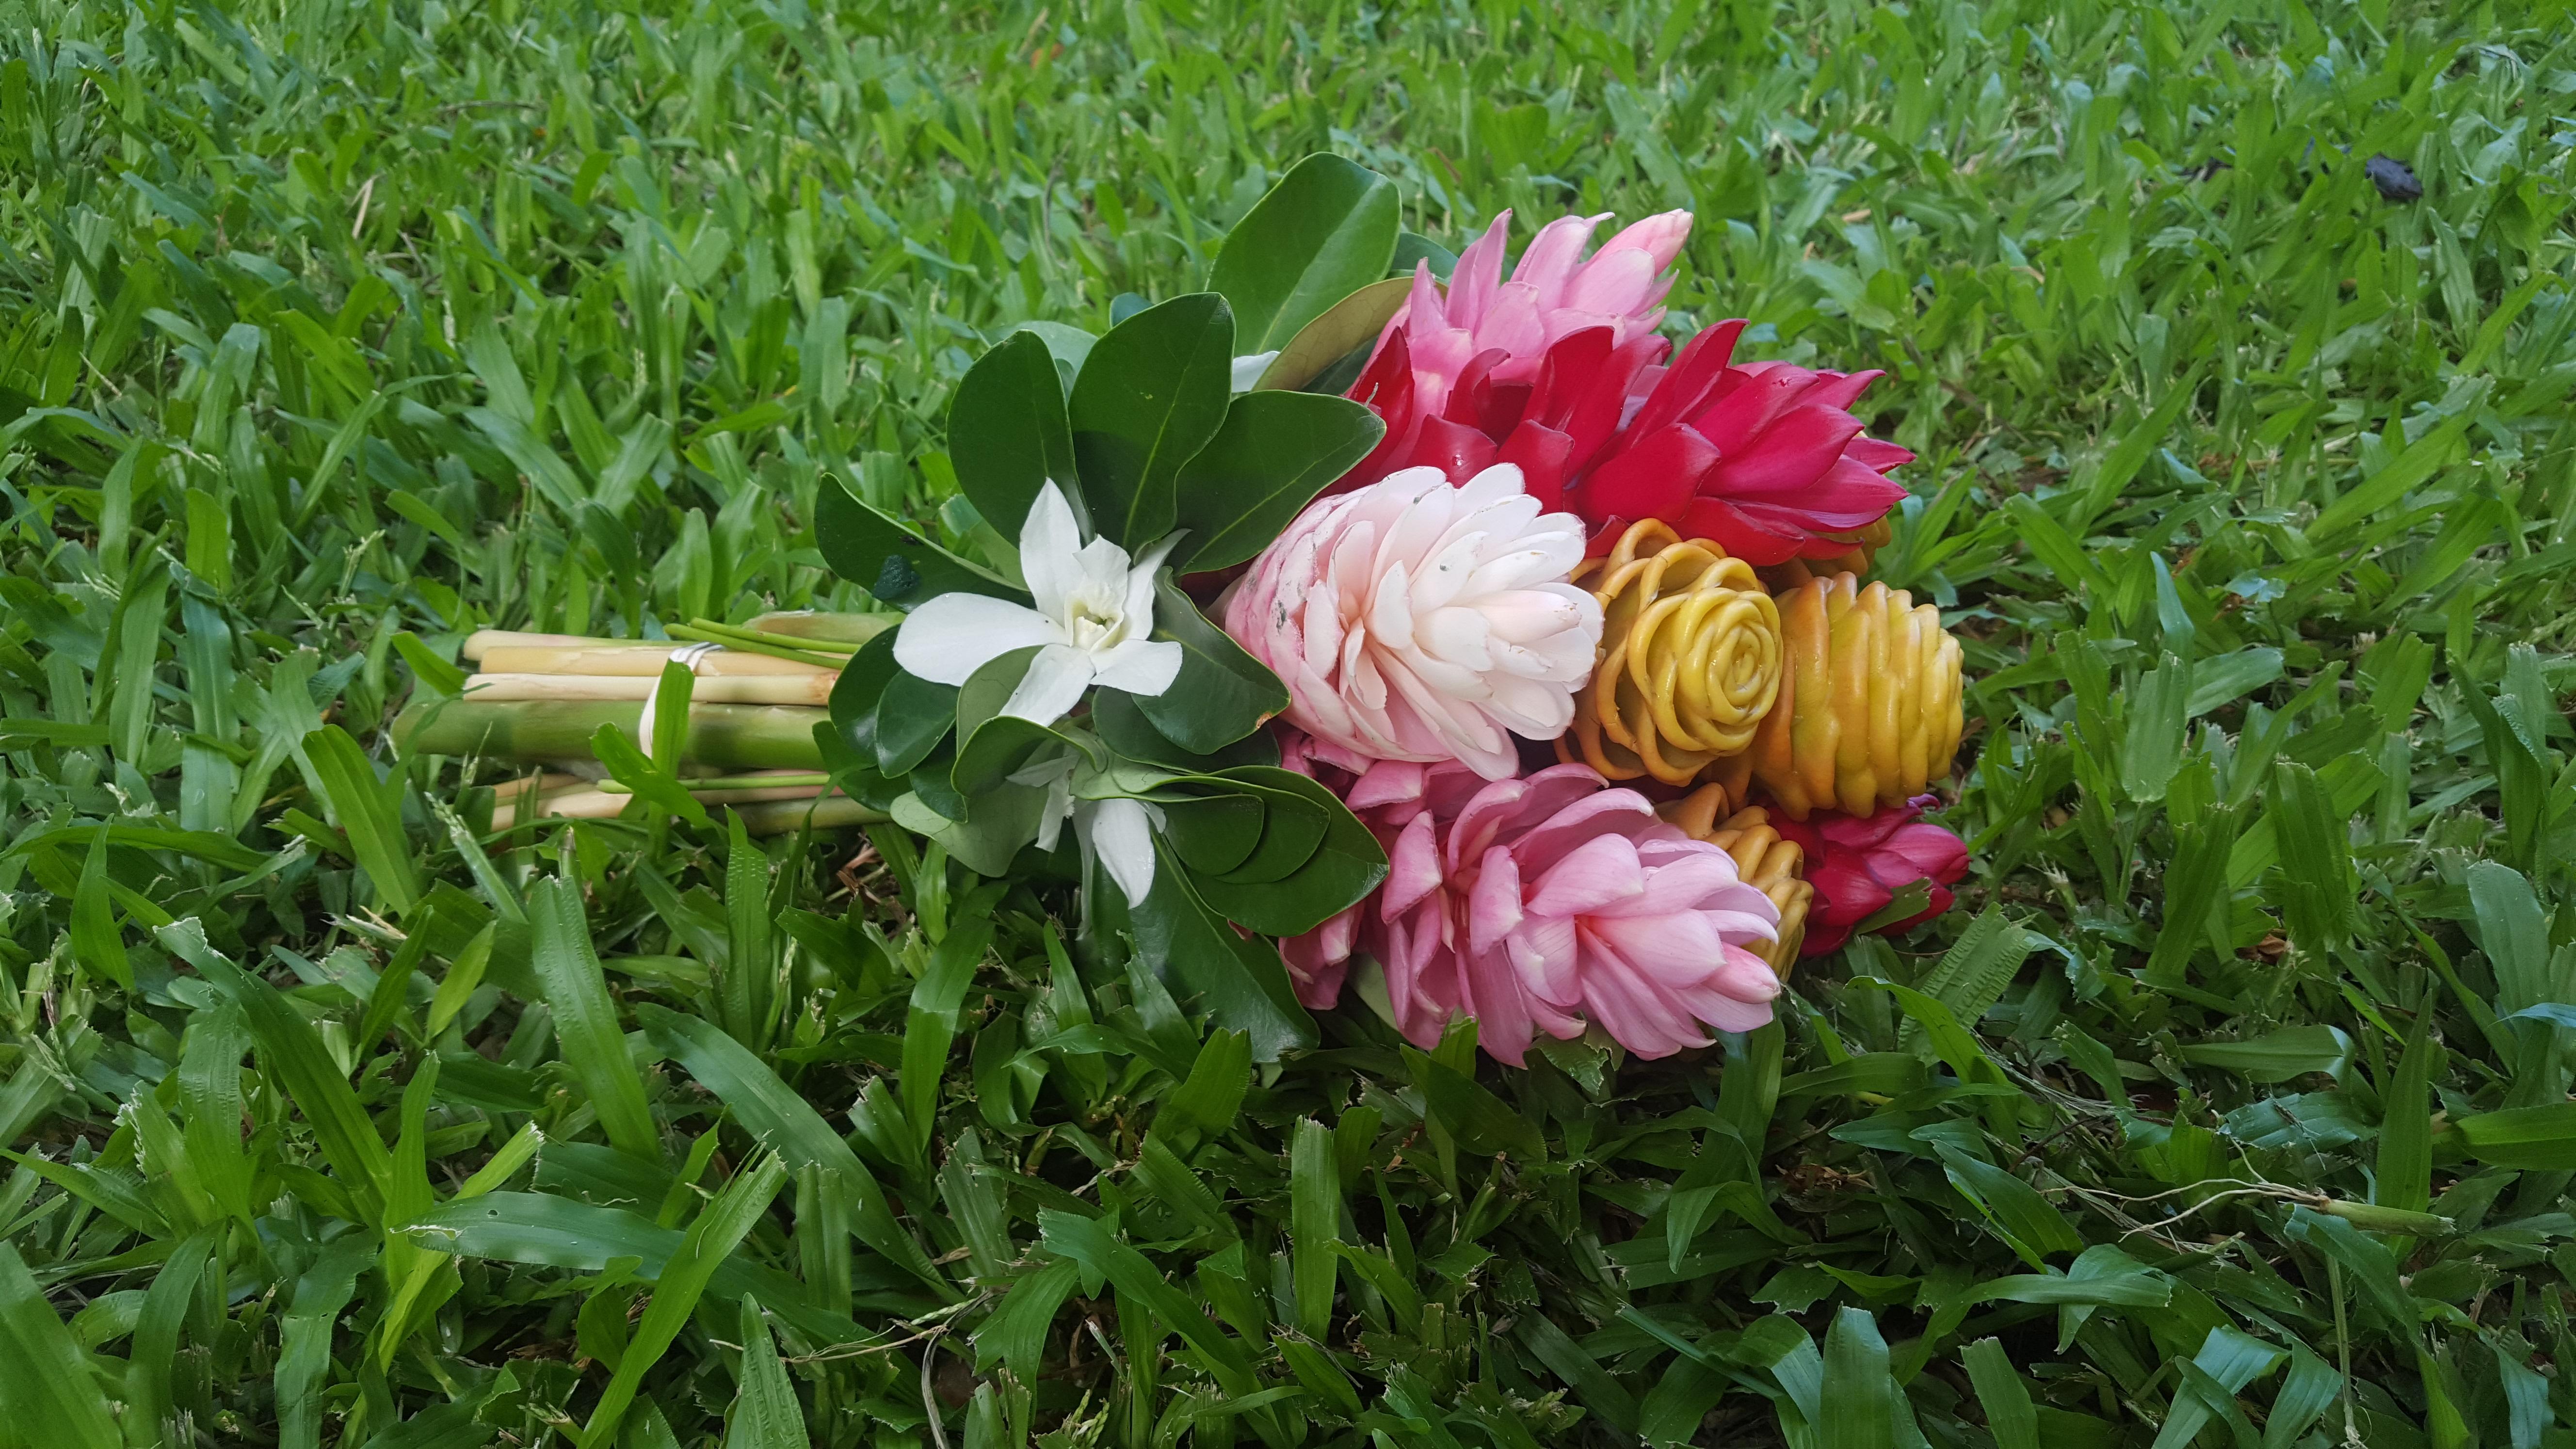 wedding-bouquet-in-grass.jpg